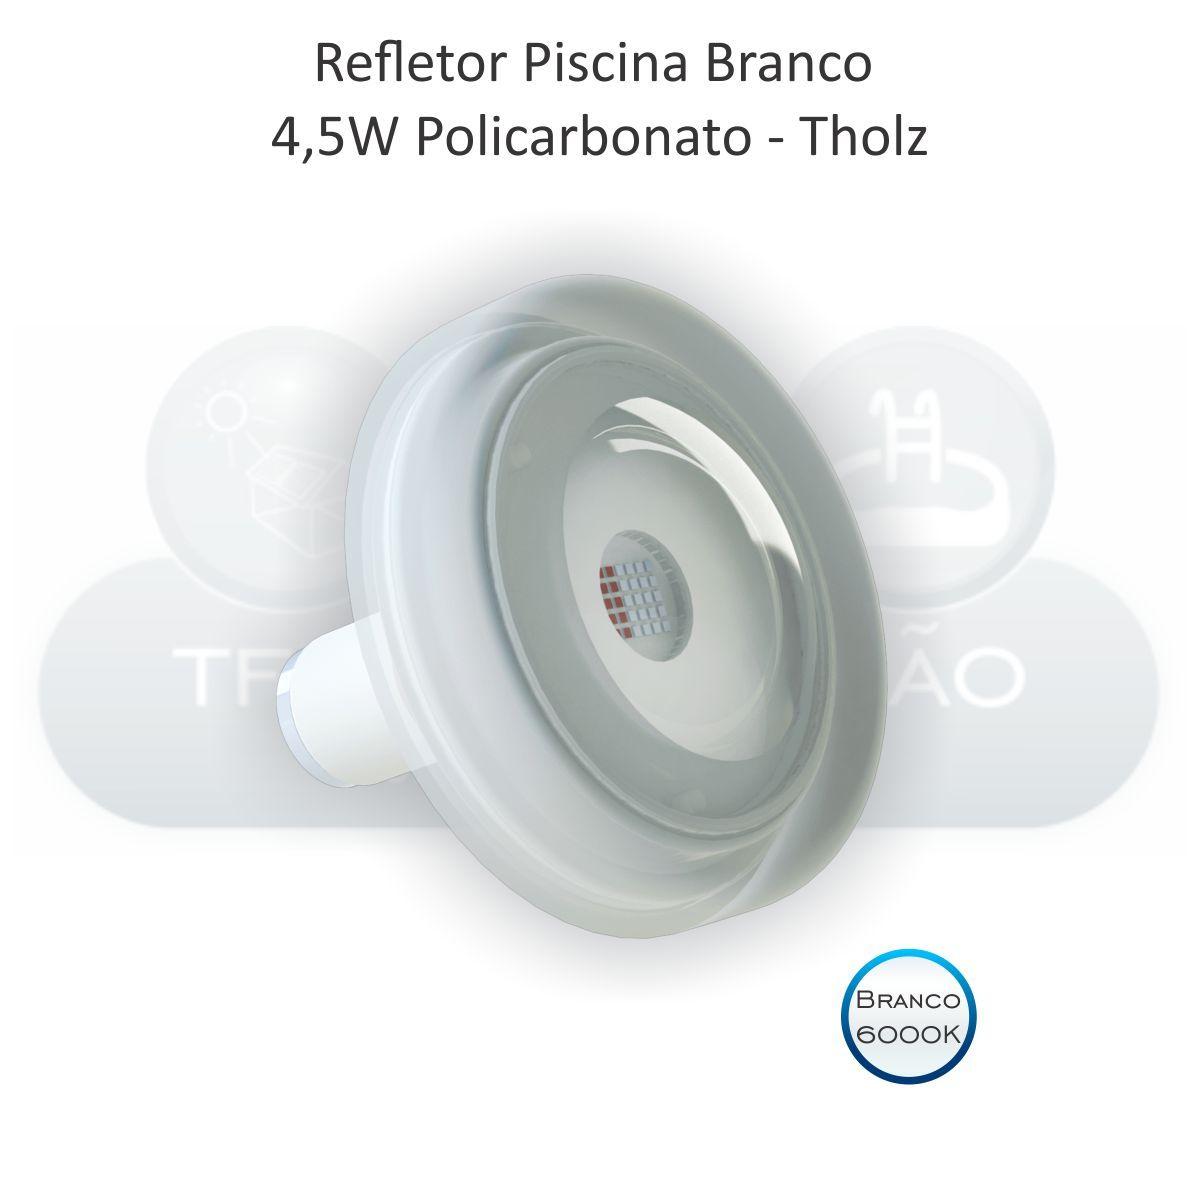 REFLETOR LED BRANCO - CABO 2M - 4,5W